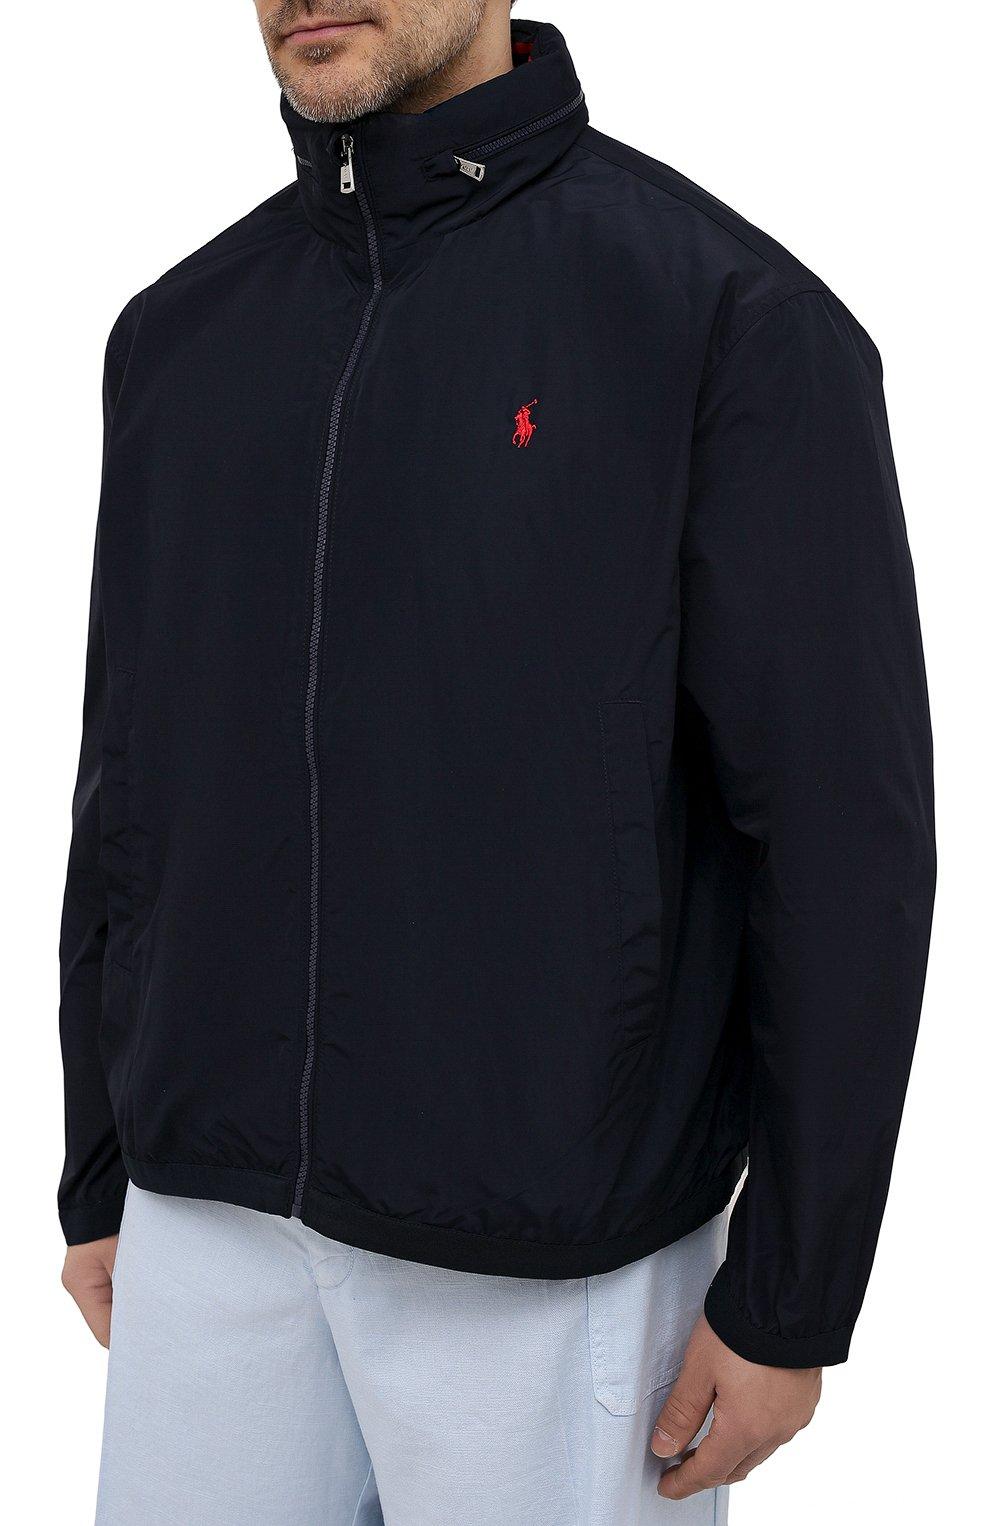 Мужской бомбер POLO RALPH LAUREN темно-синего цвета, арт. 711777217/PRL BS | Фото 3 (Кросс-КТ: Куртка; Big sizes: Big Sizes; Рукава: Длинные; Принт: Без принта; Материал внешний: Синтетический материал; Материал подклада: Синтетический материал; Длина (верхняя одежда): Короткие; Стили: Кэжуэл)